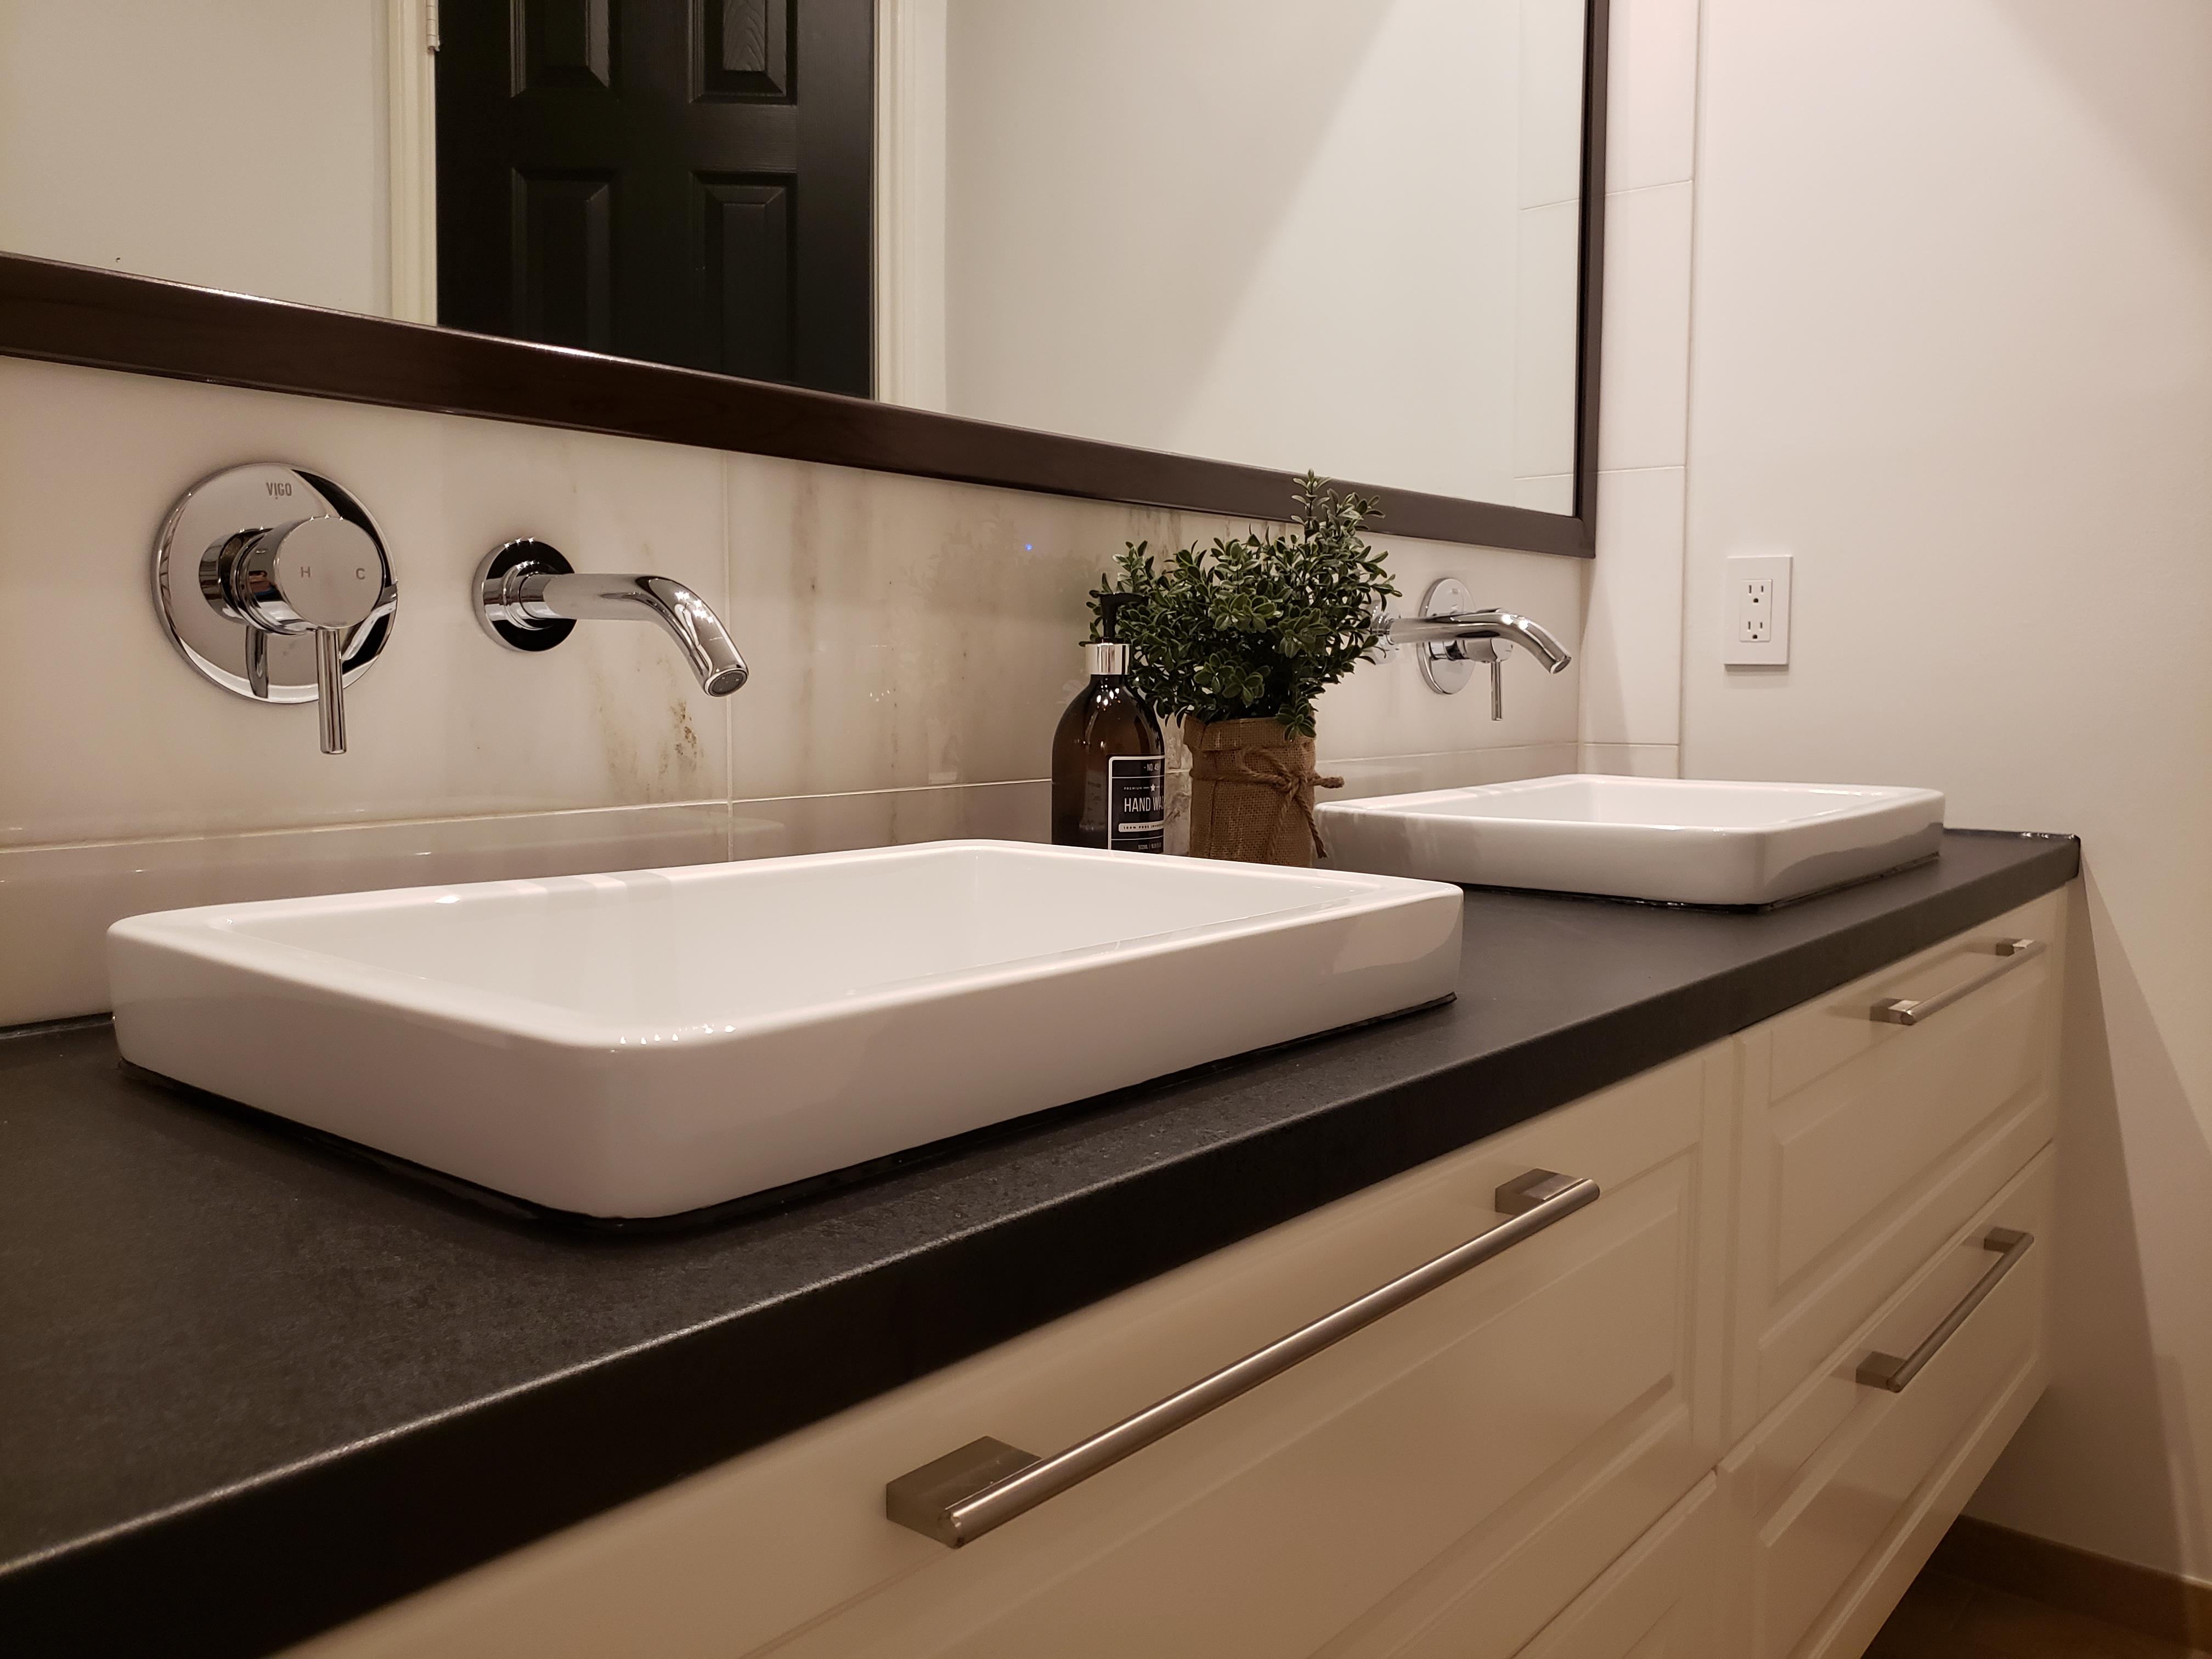 sink options for bathroom vanity